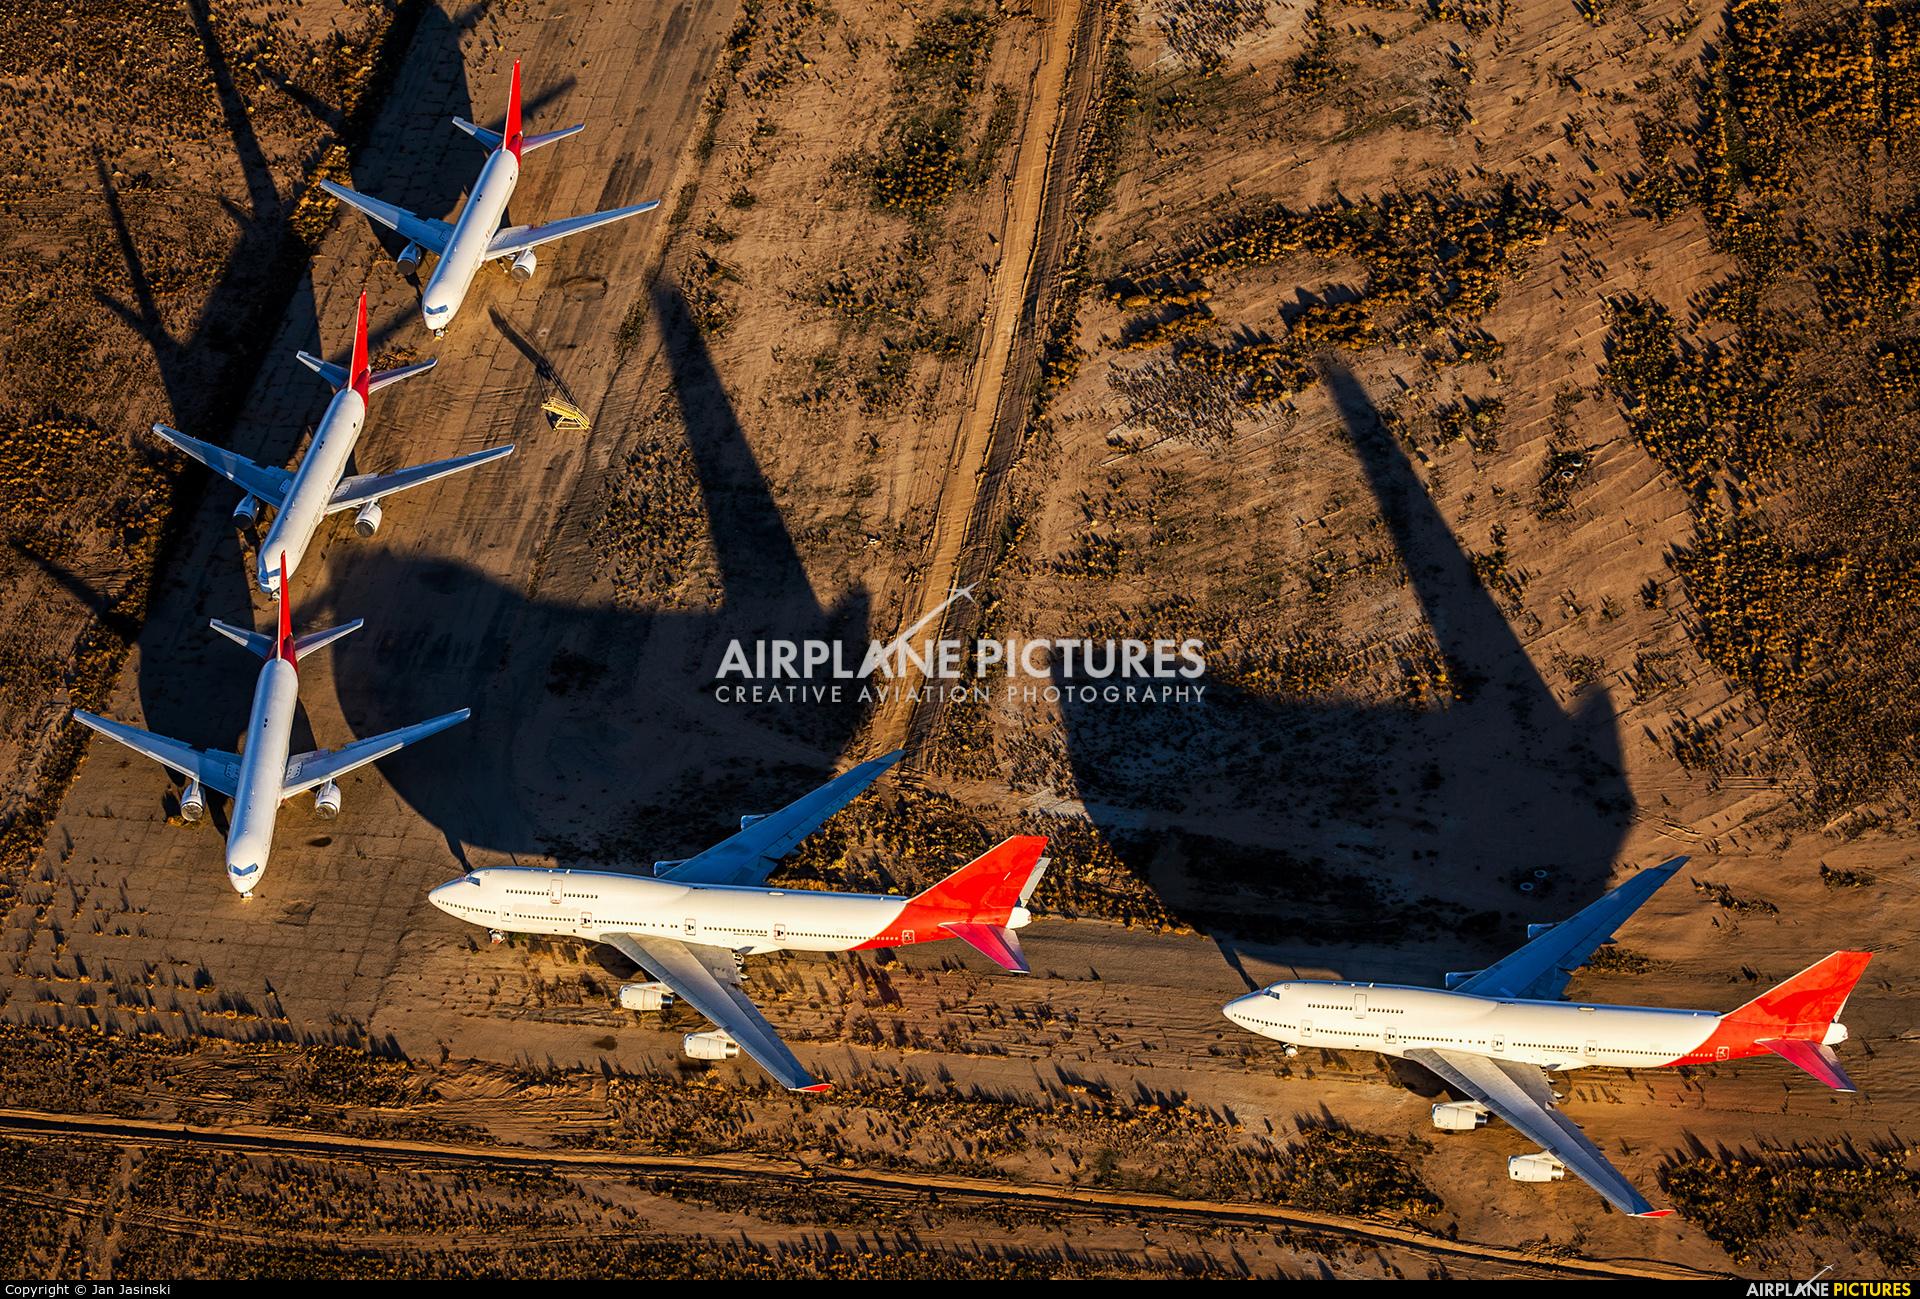 QANTAS - aircraft at Victorville - Southern California Logistics